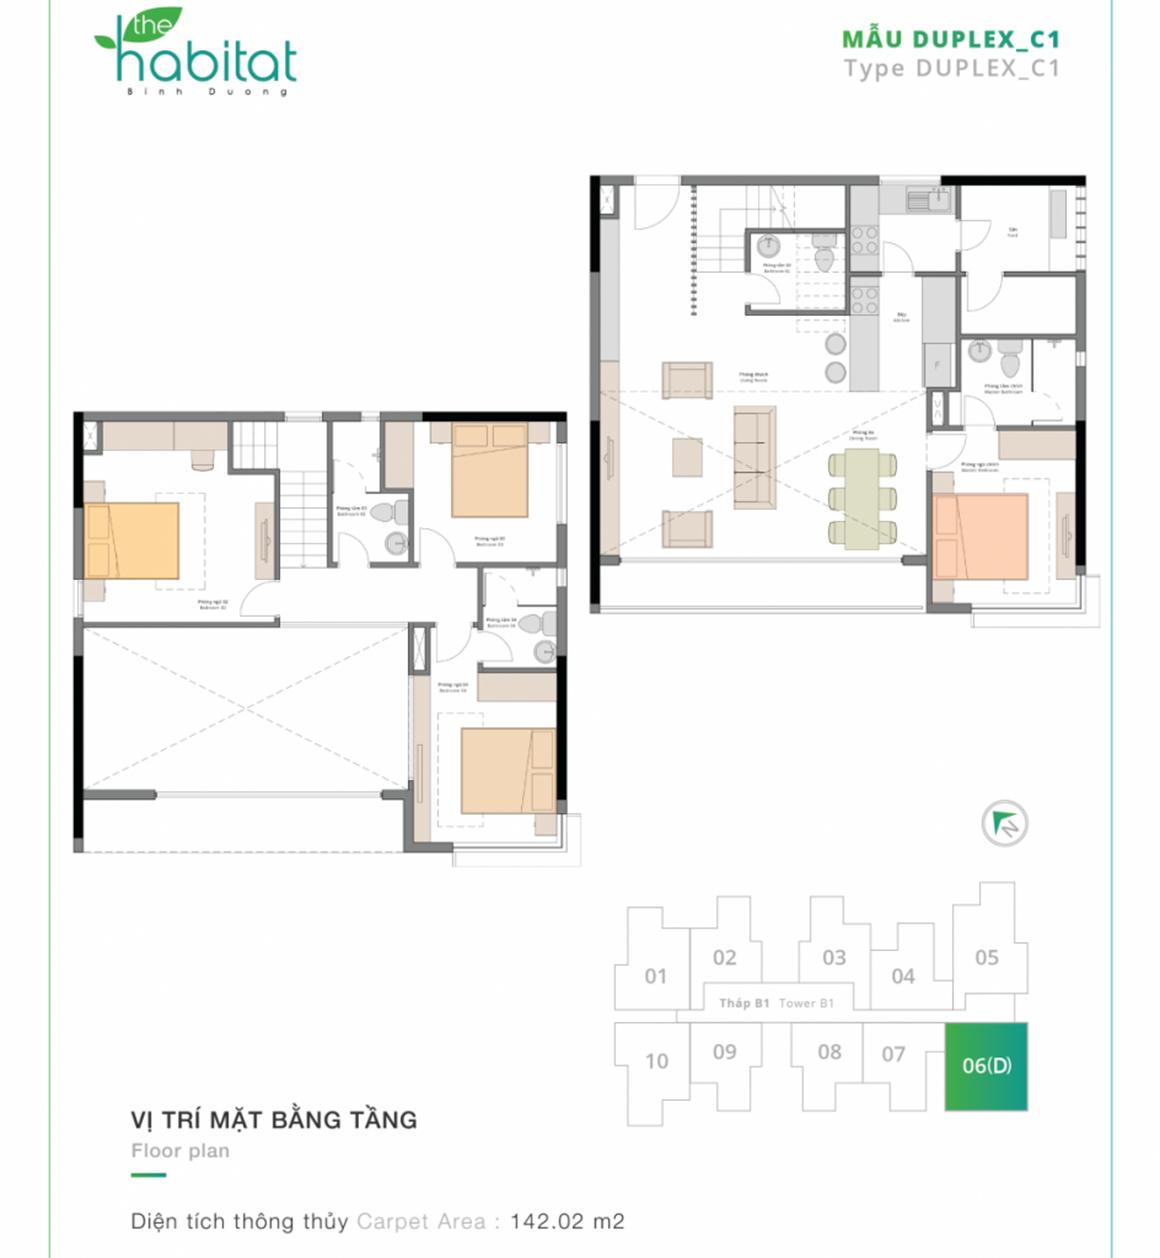 Thiết kế dự án The Habitat Mẫu DUPLEX_C1